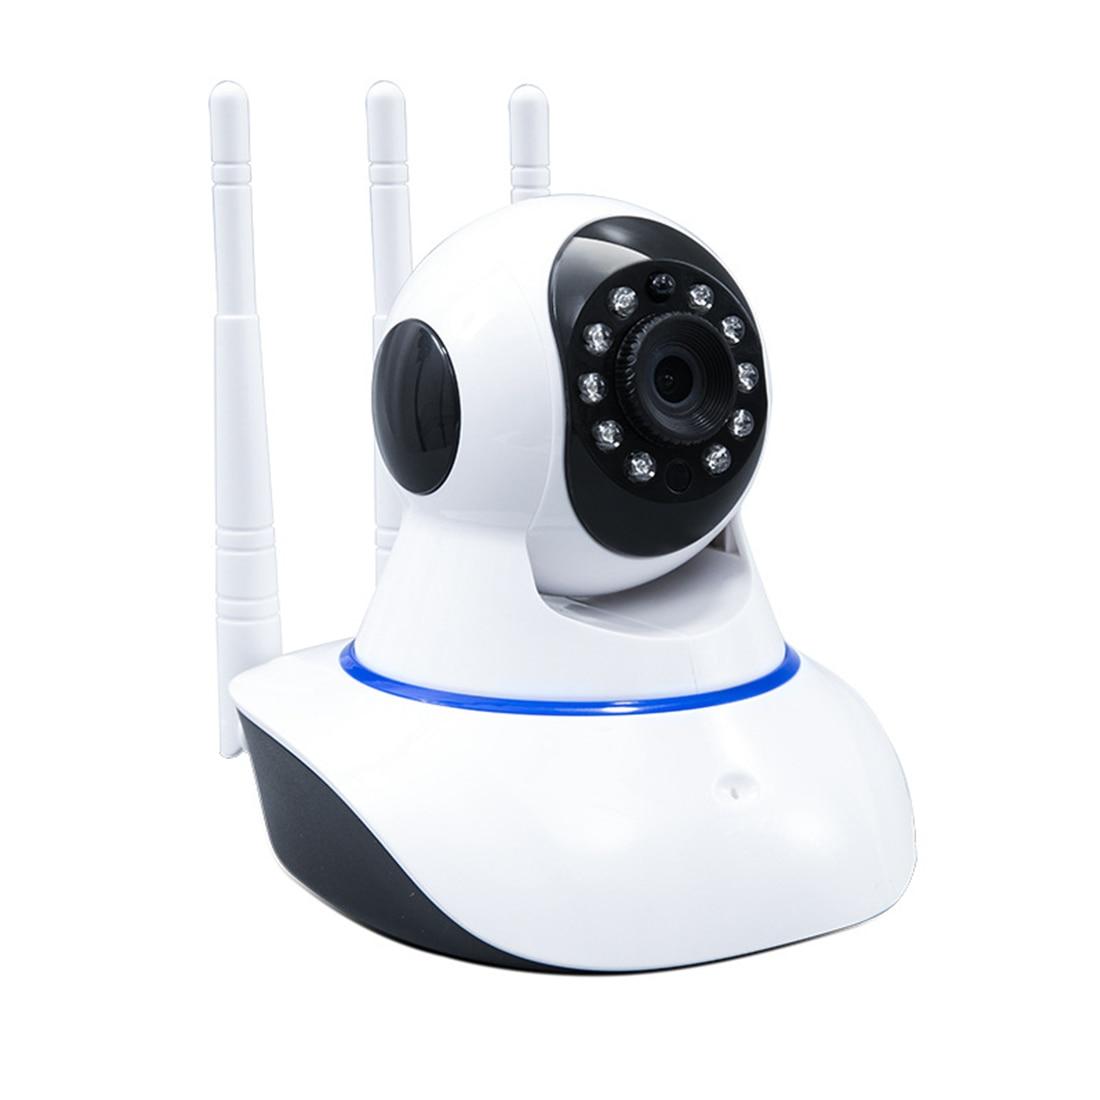 880 nouvelle haute définition Cloud stockage caméra de sécurité téléphone Mobile à distance sans fil WIFI intelligent petite caméra de Surveillance de bébé - 3